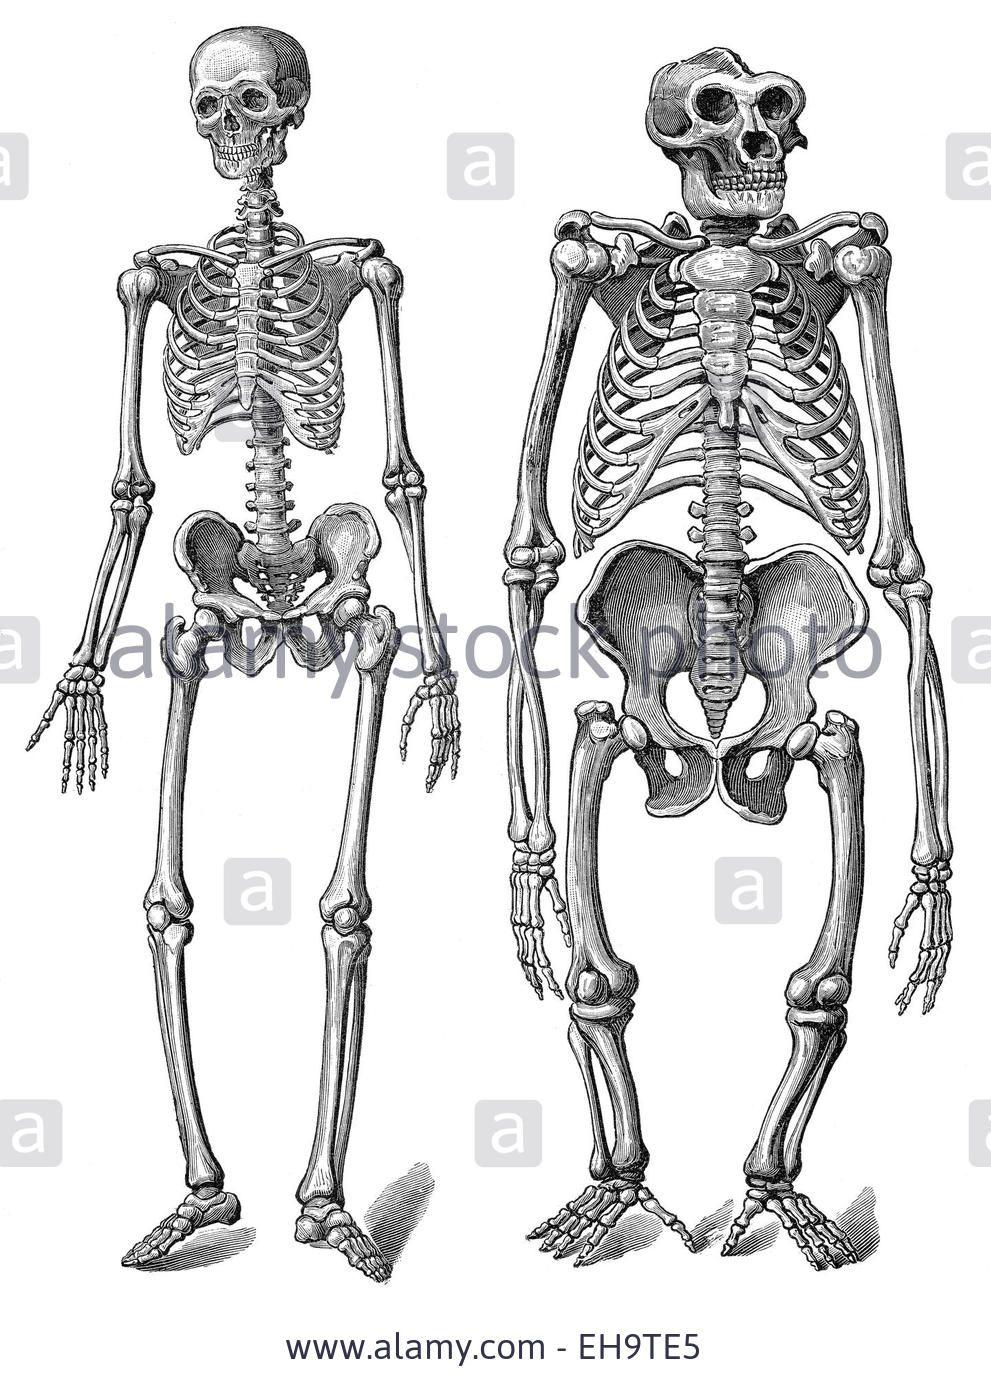 The Human Skeleton As Compared To A Gorilla Skeleton Anatomy